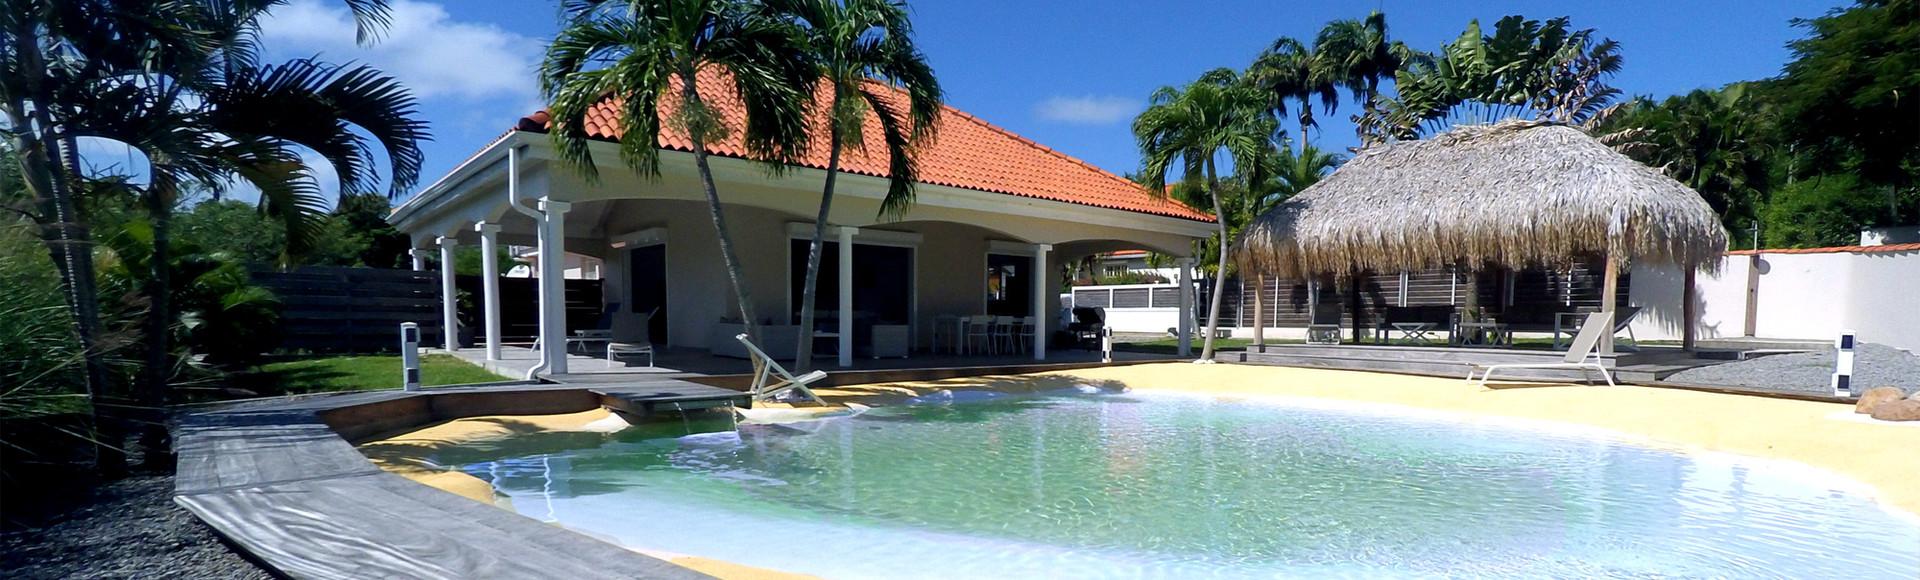 maison piscine 3.jpg